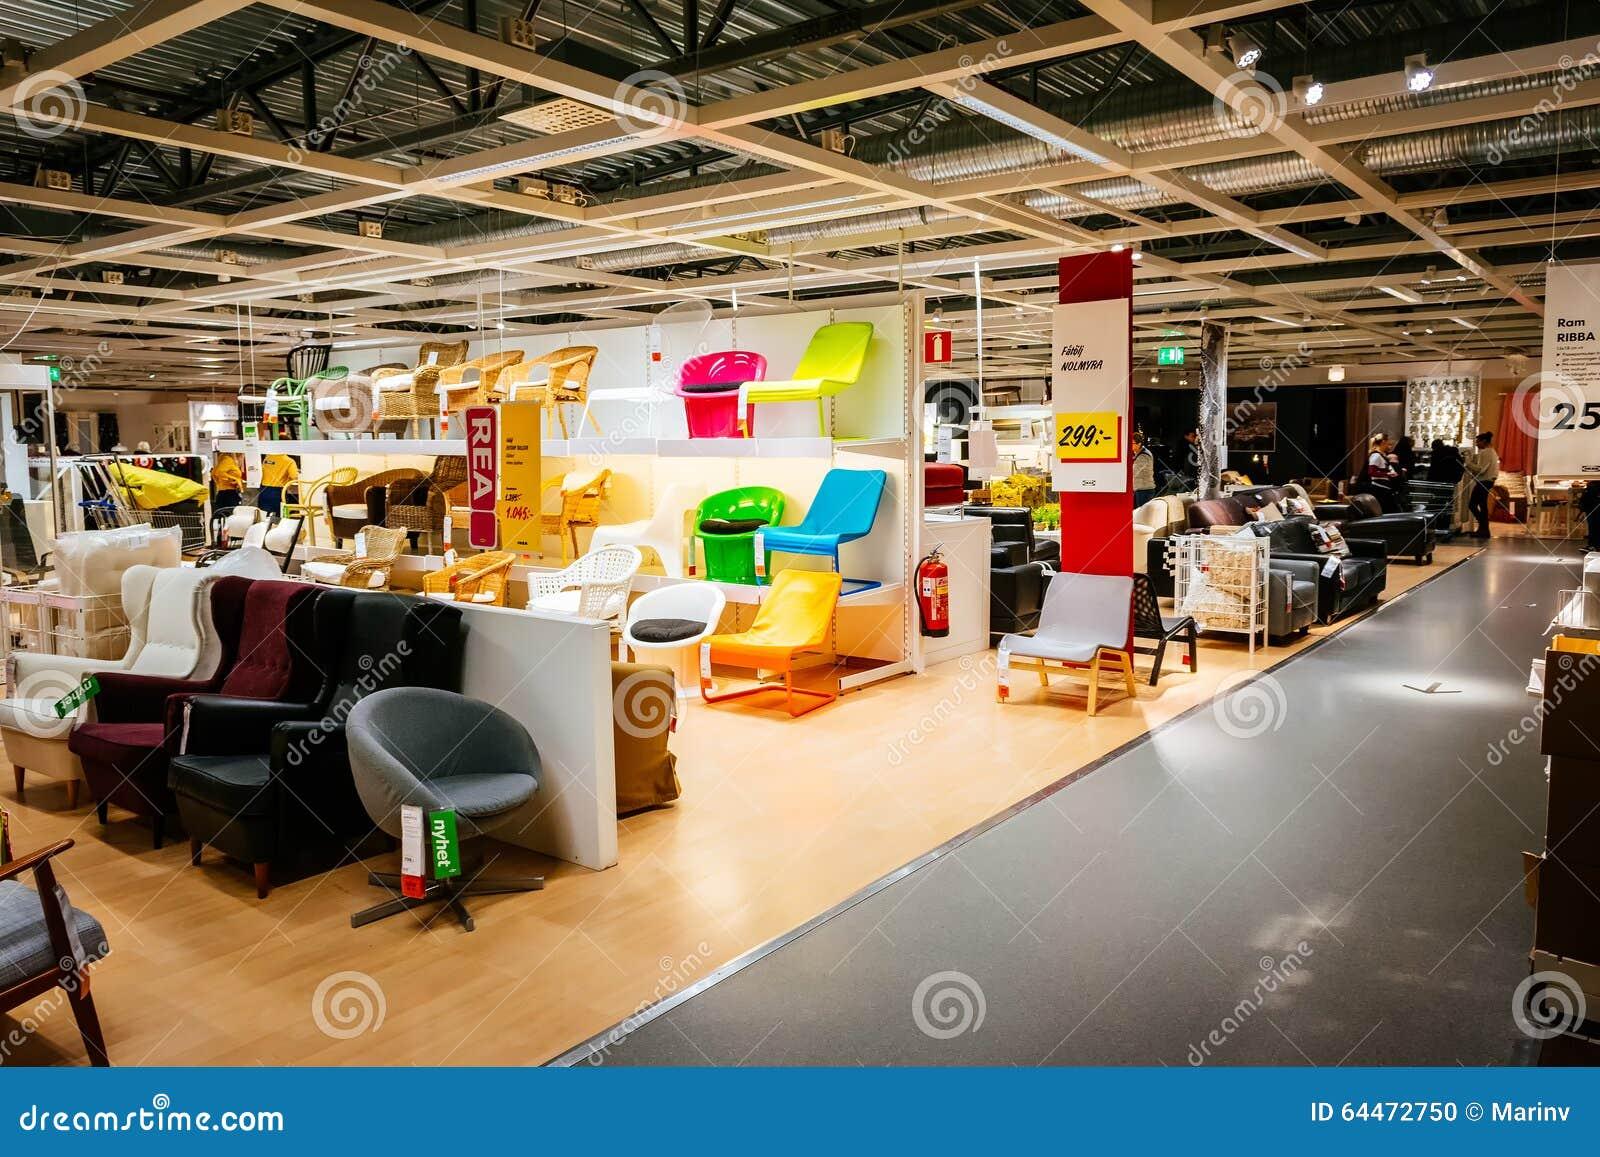 Interior de la tienda grande de ikea con una amplia gama - Todos los productos de ikea ...